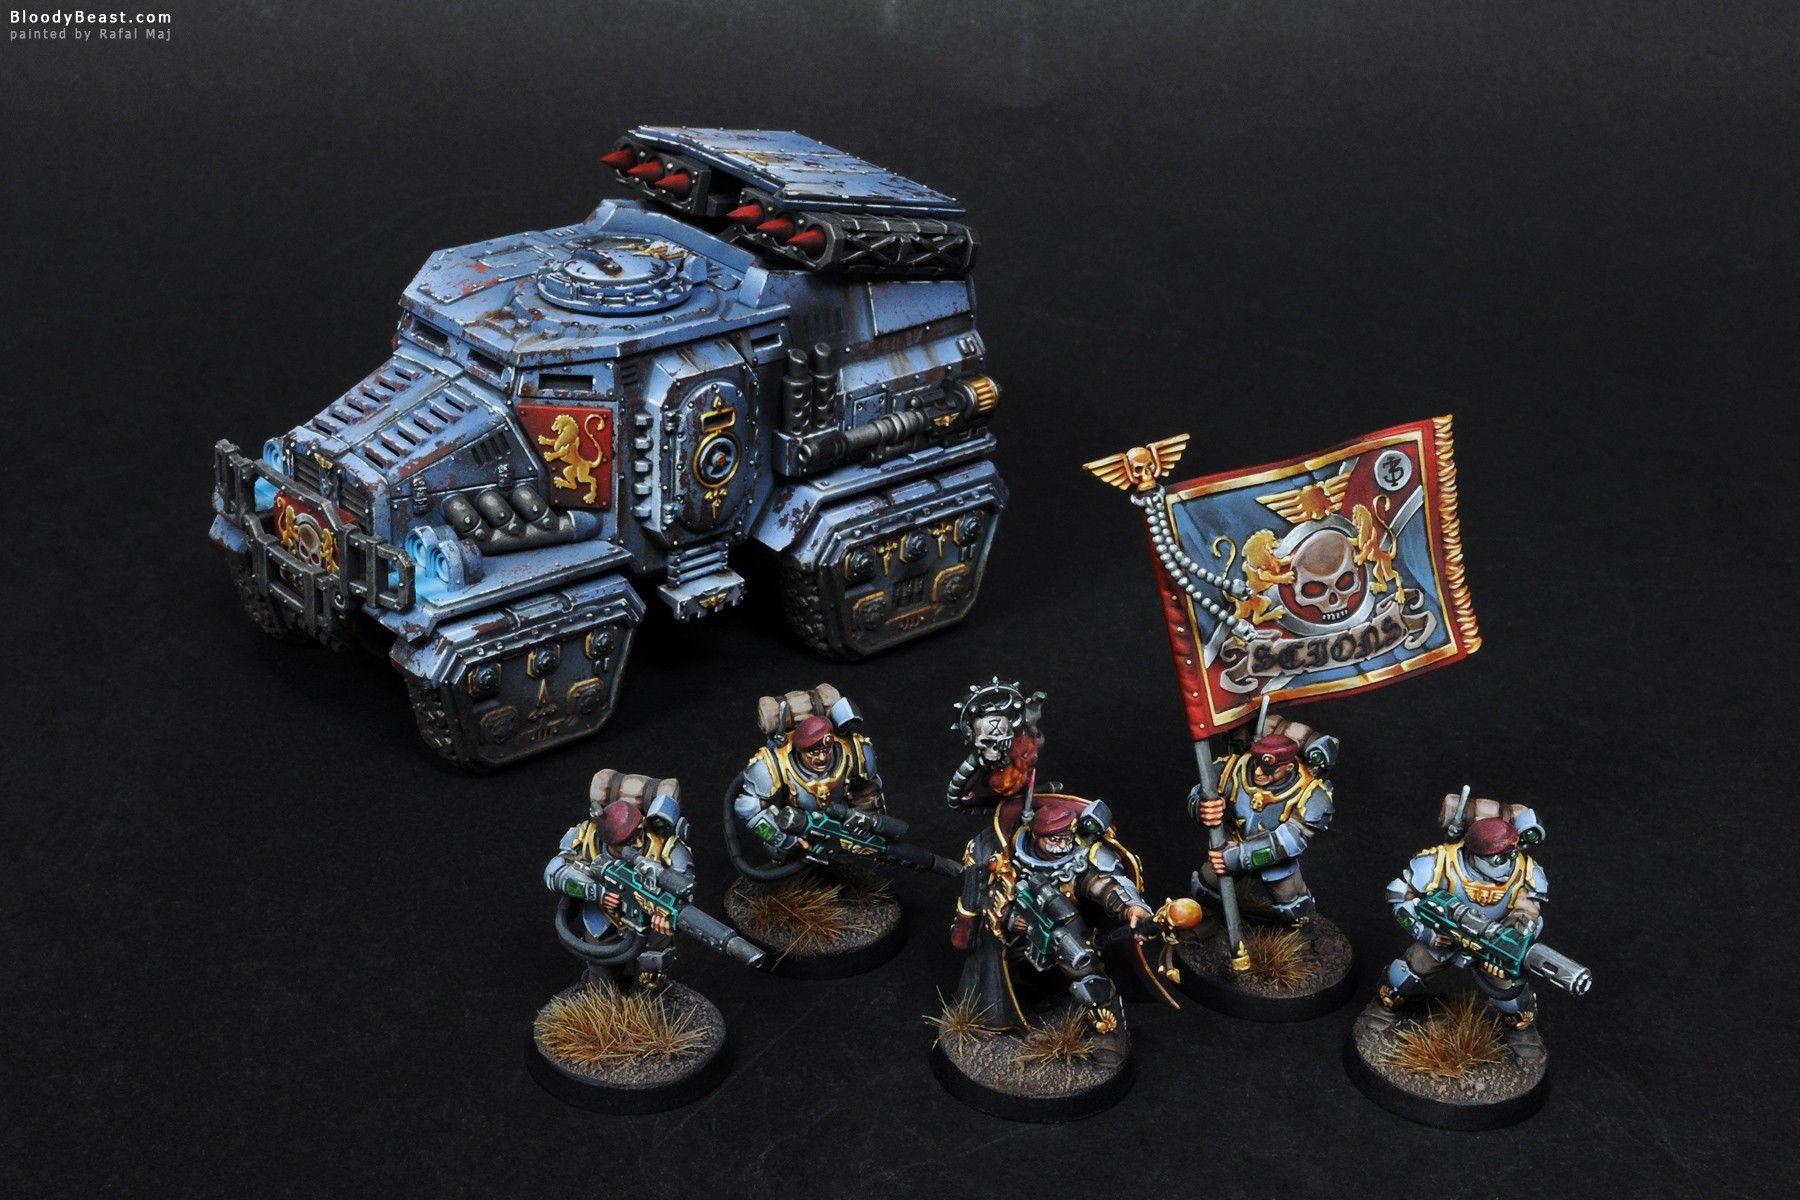 Vostroyan Scions: Militarum Tempestus Scions With Taurox Prime